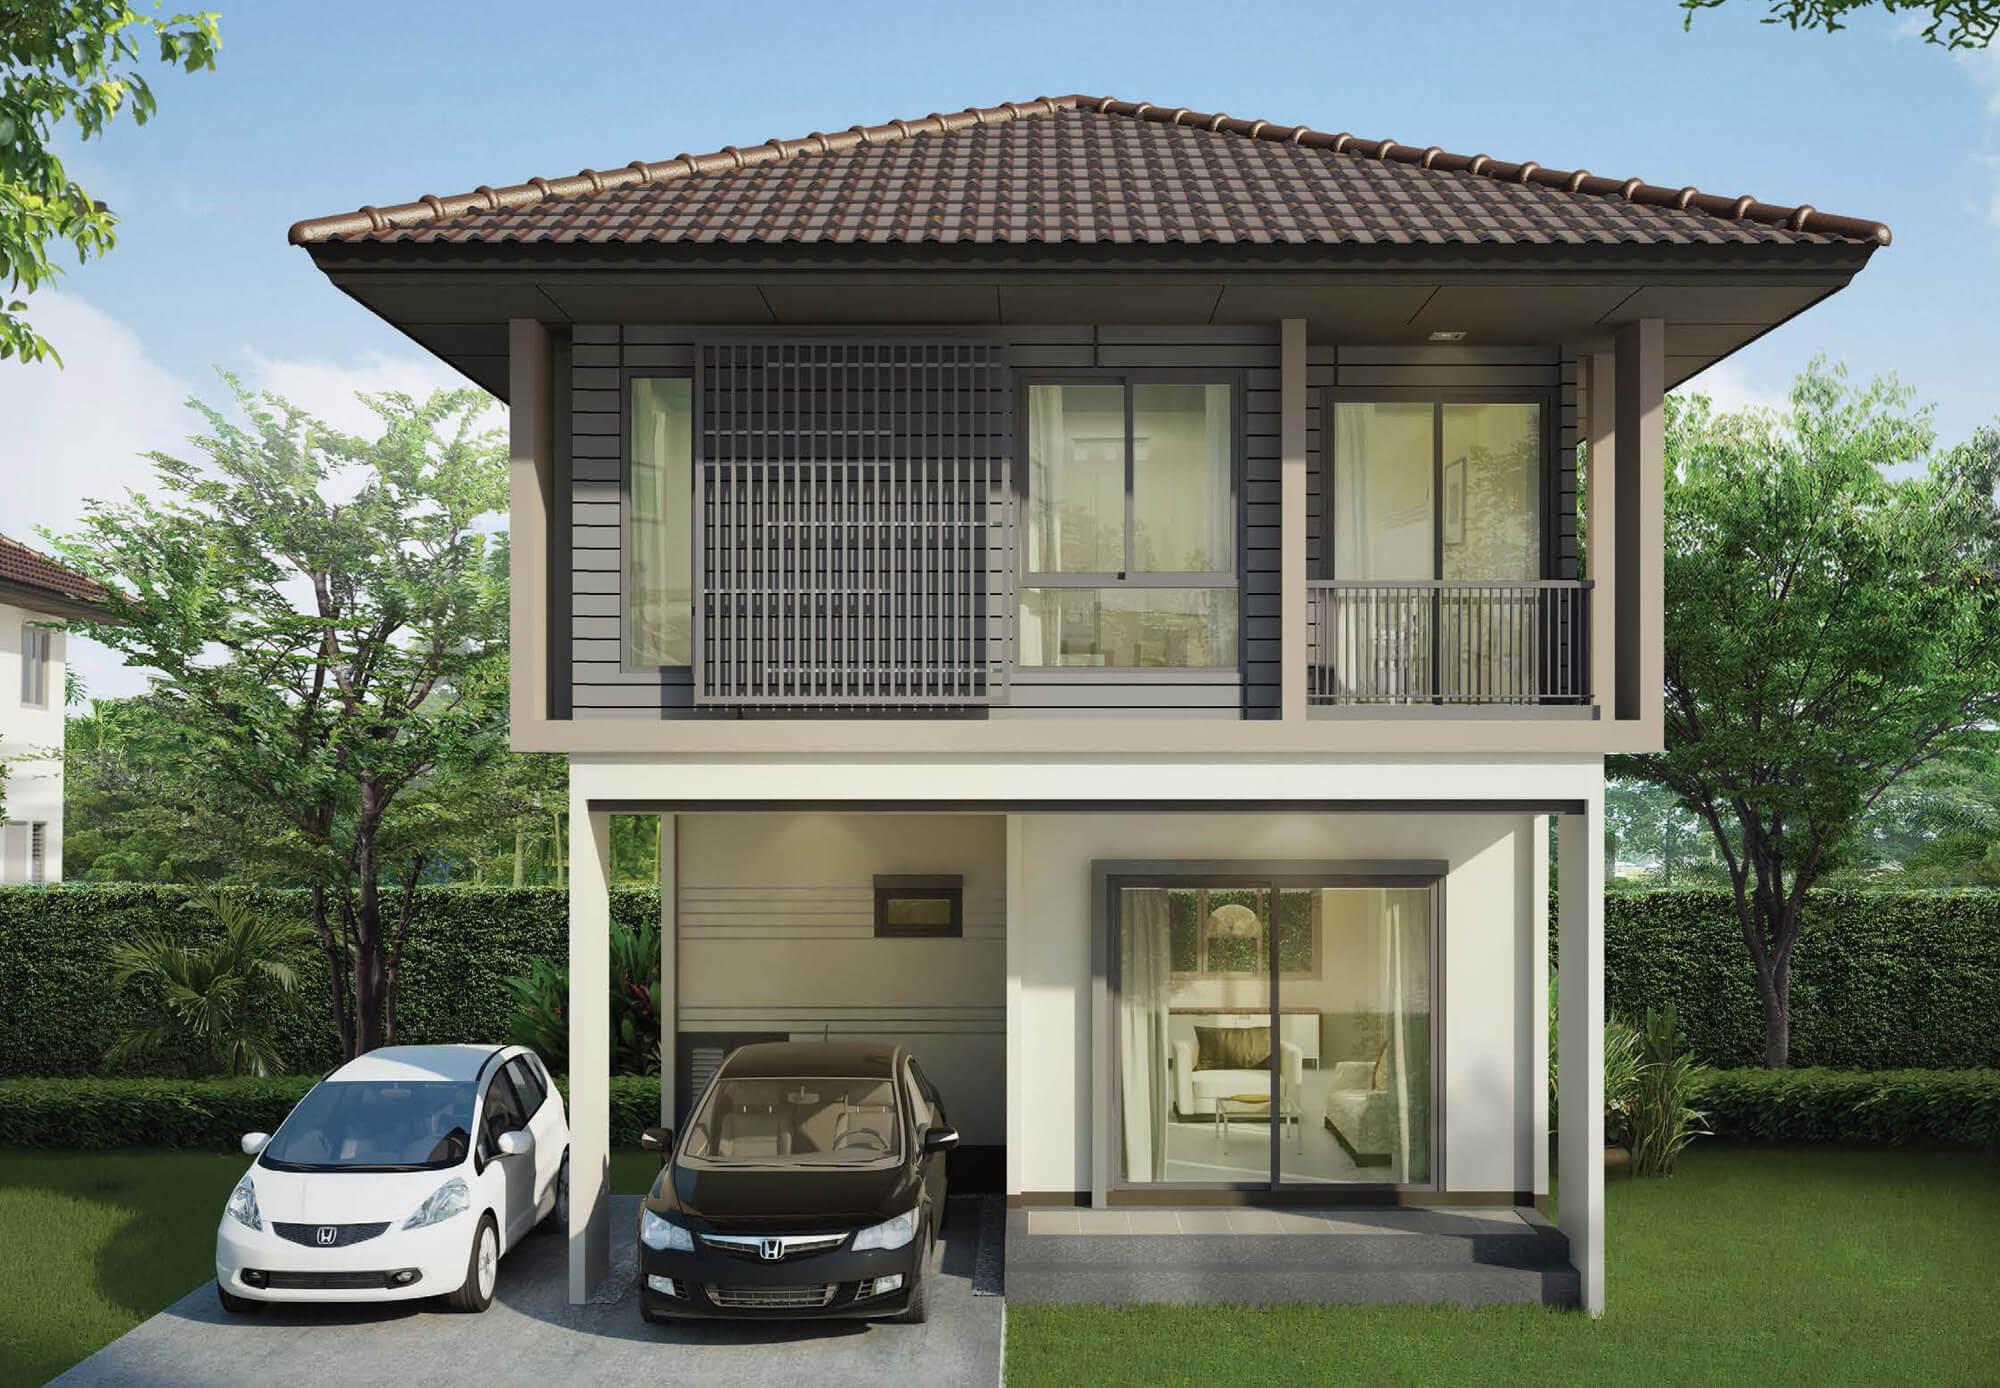 แบบบ้าน โครงการ บ้านเดี่ยวพร้อมอยู่ ฮาบิเทีย ออร์บิต หทัยราษฏร์ : HTR4